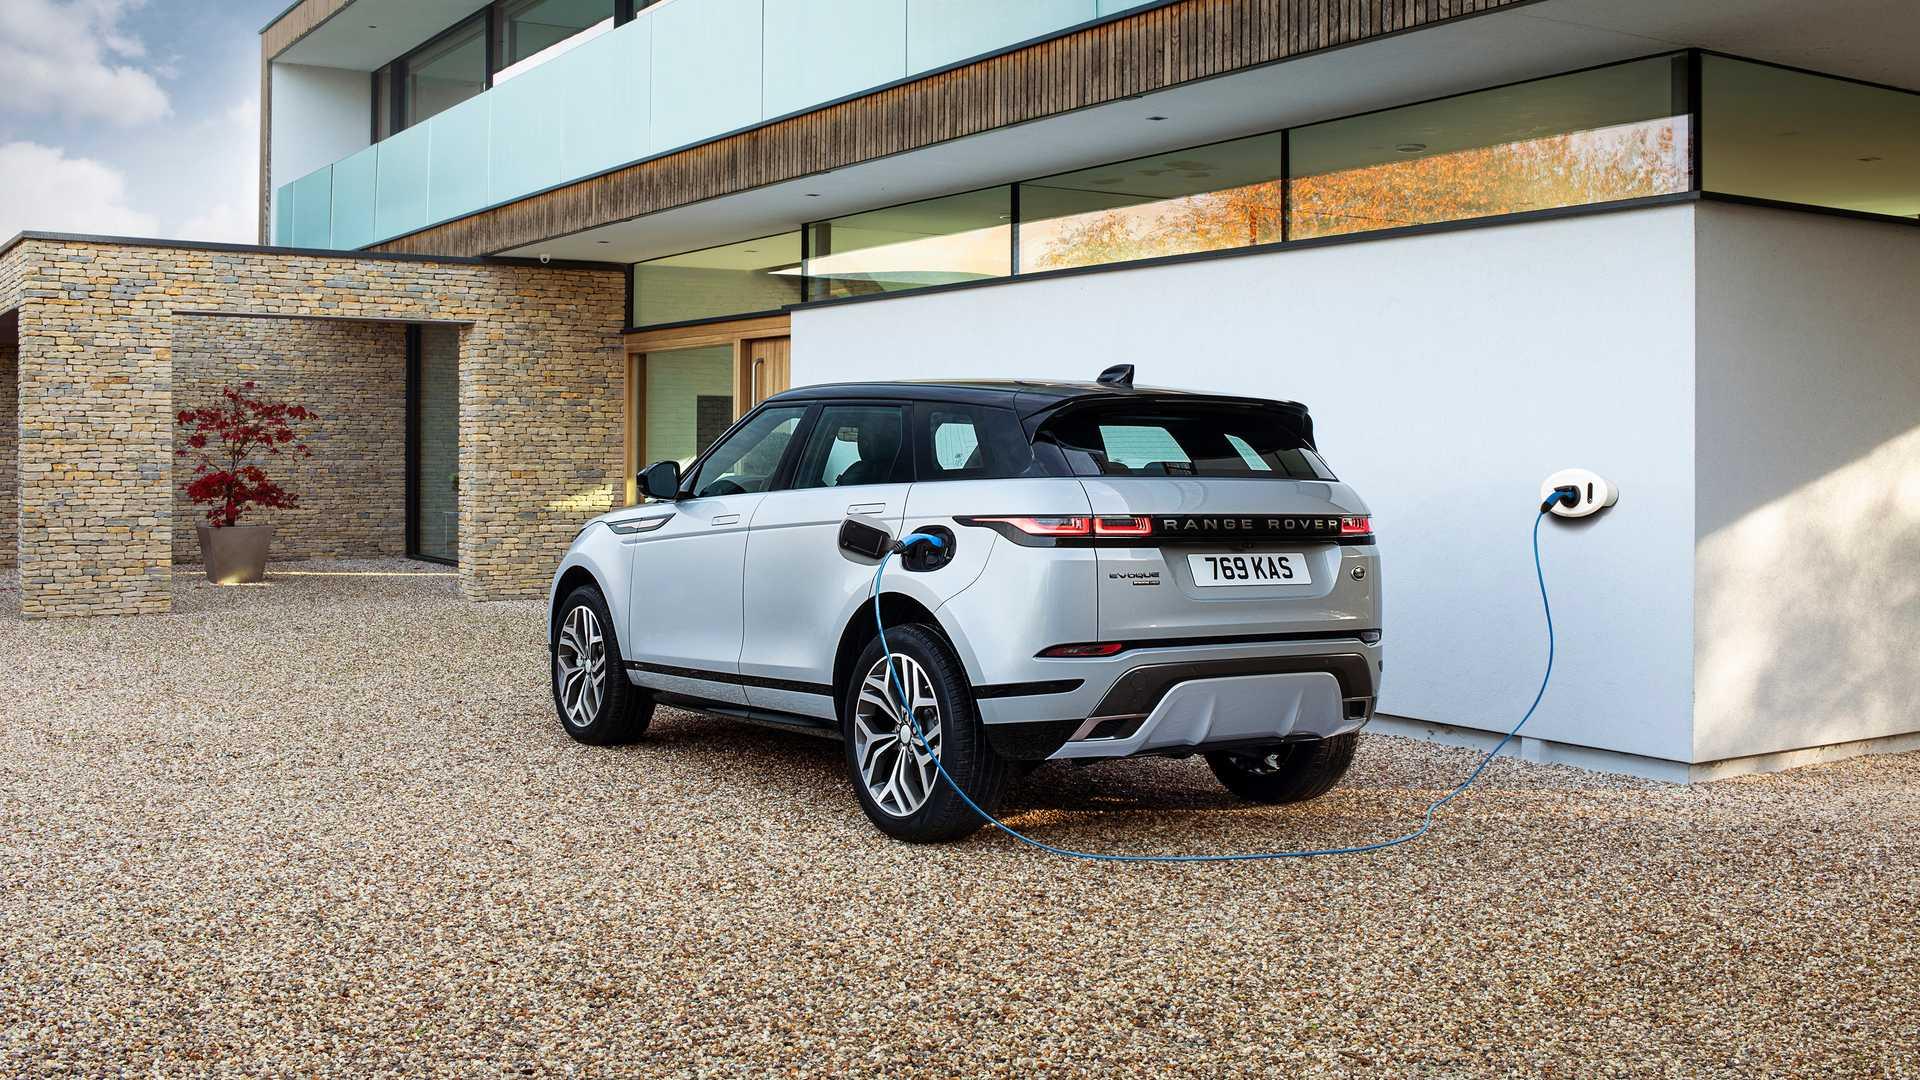 2020 Land Rover Range Rover Evoque P300e 1